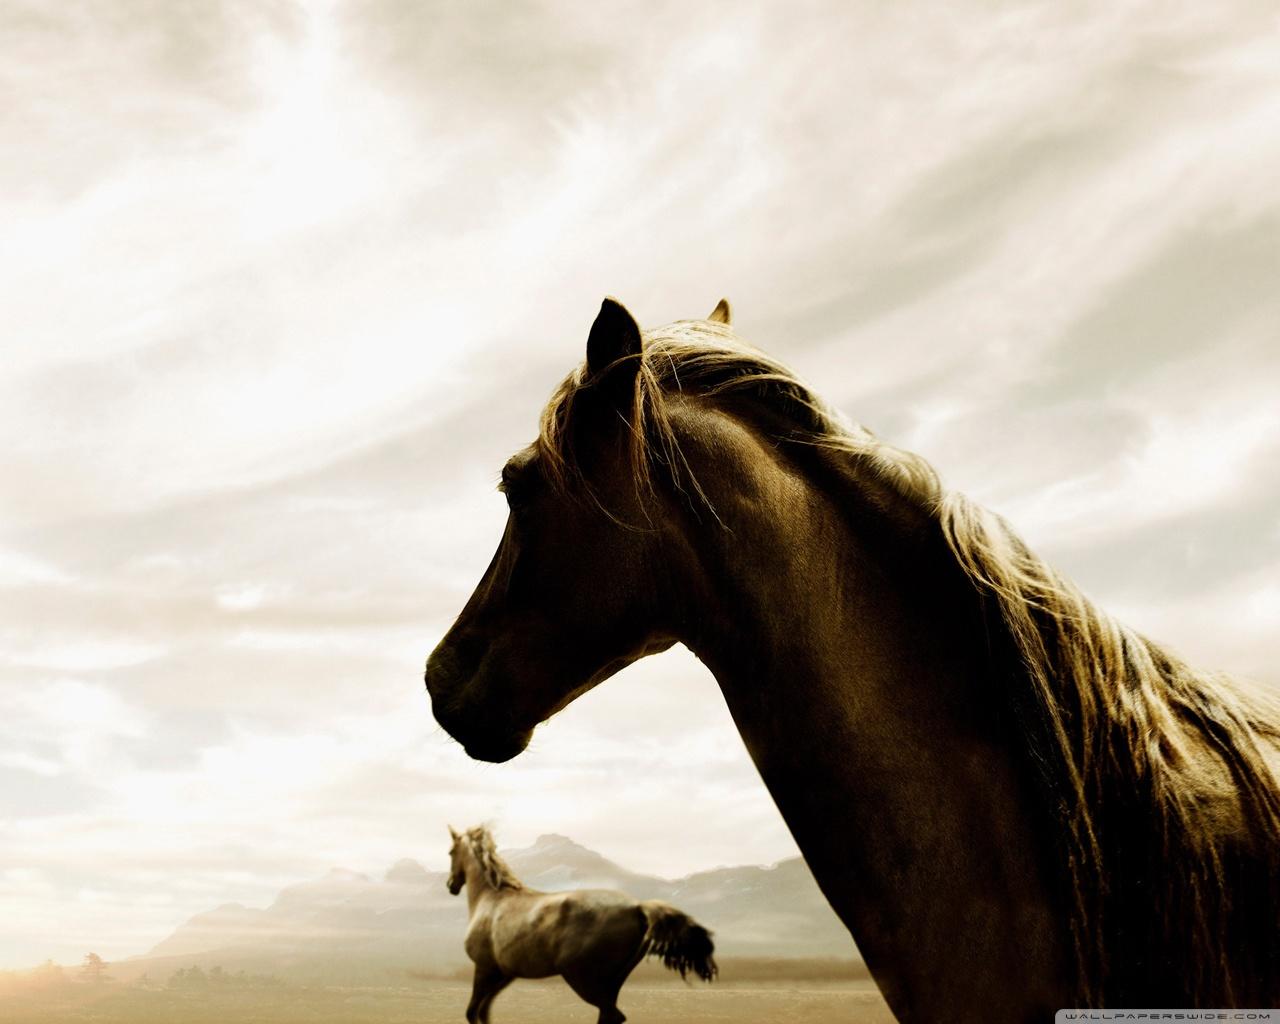 Horse 4K HD Desktop Wallpaper for 4K Ultra HD TV Wide Ultra 1280x1024